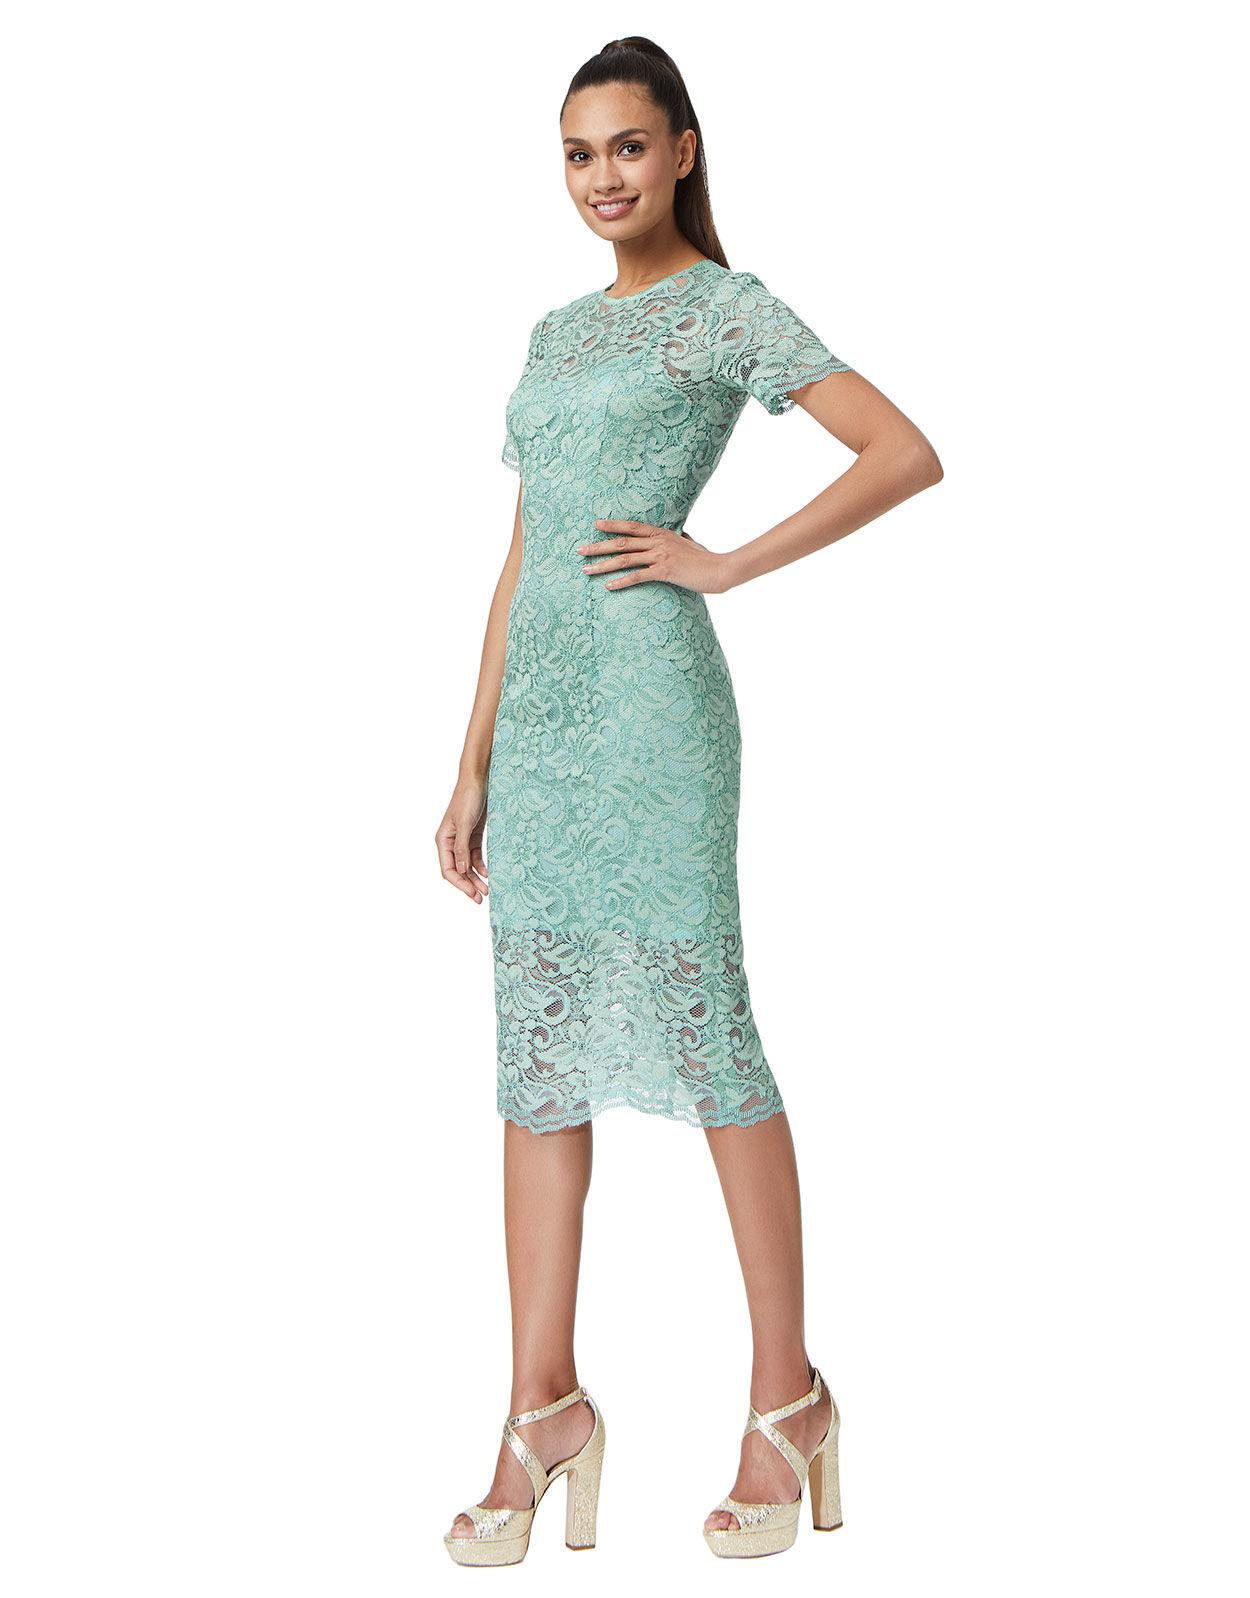 Abbildung von LaDress Adriana spitze kleid grün